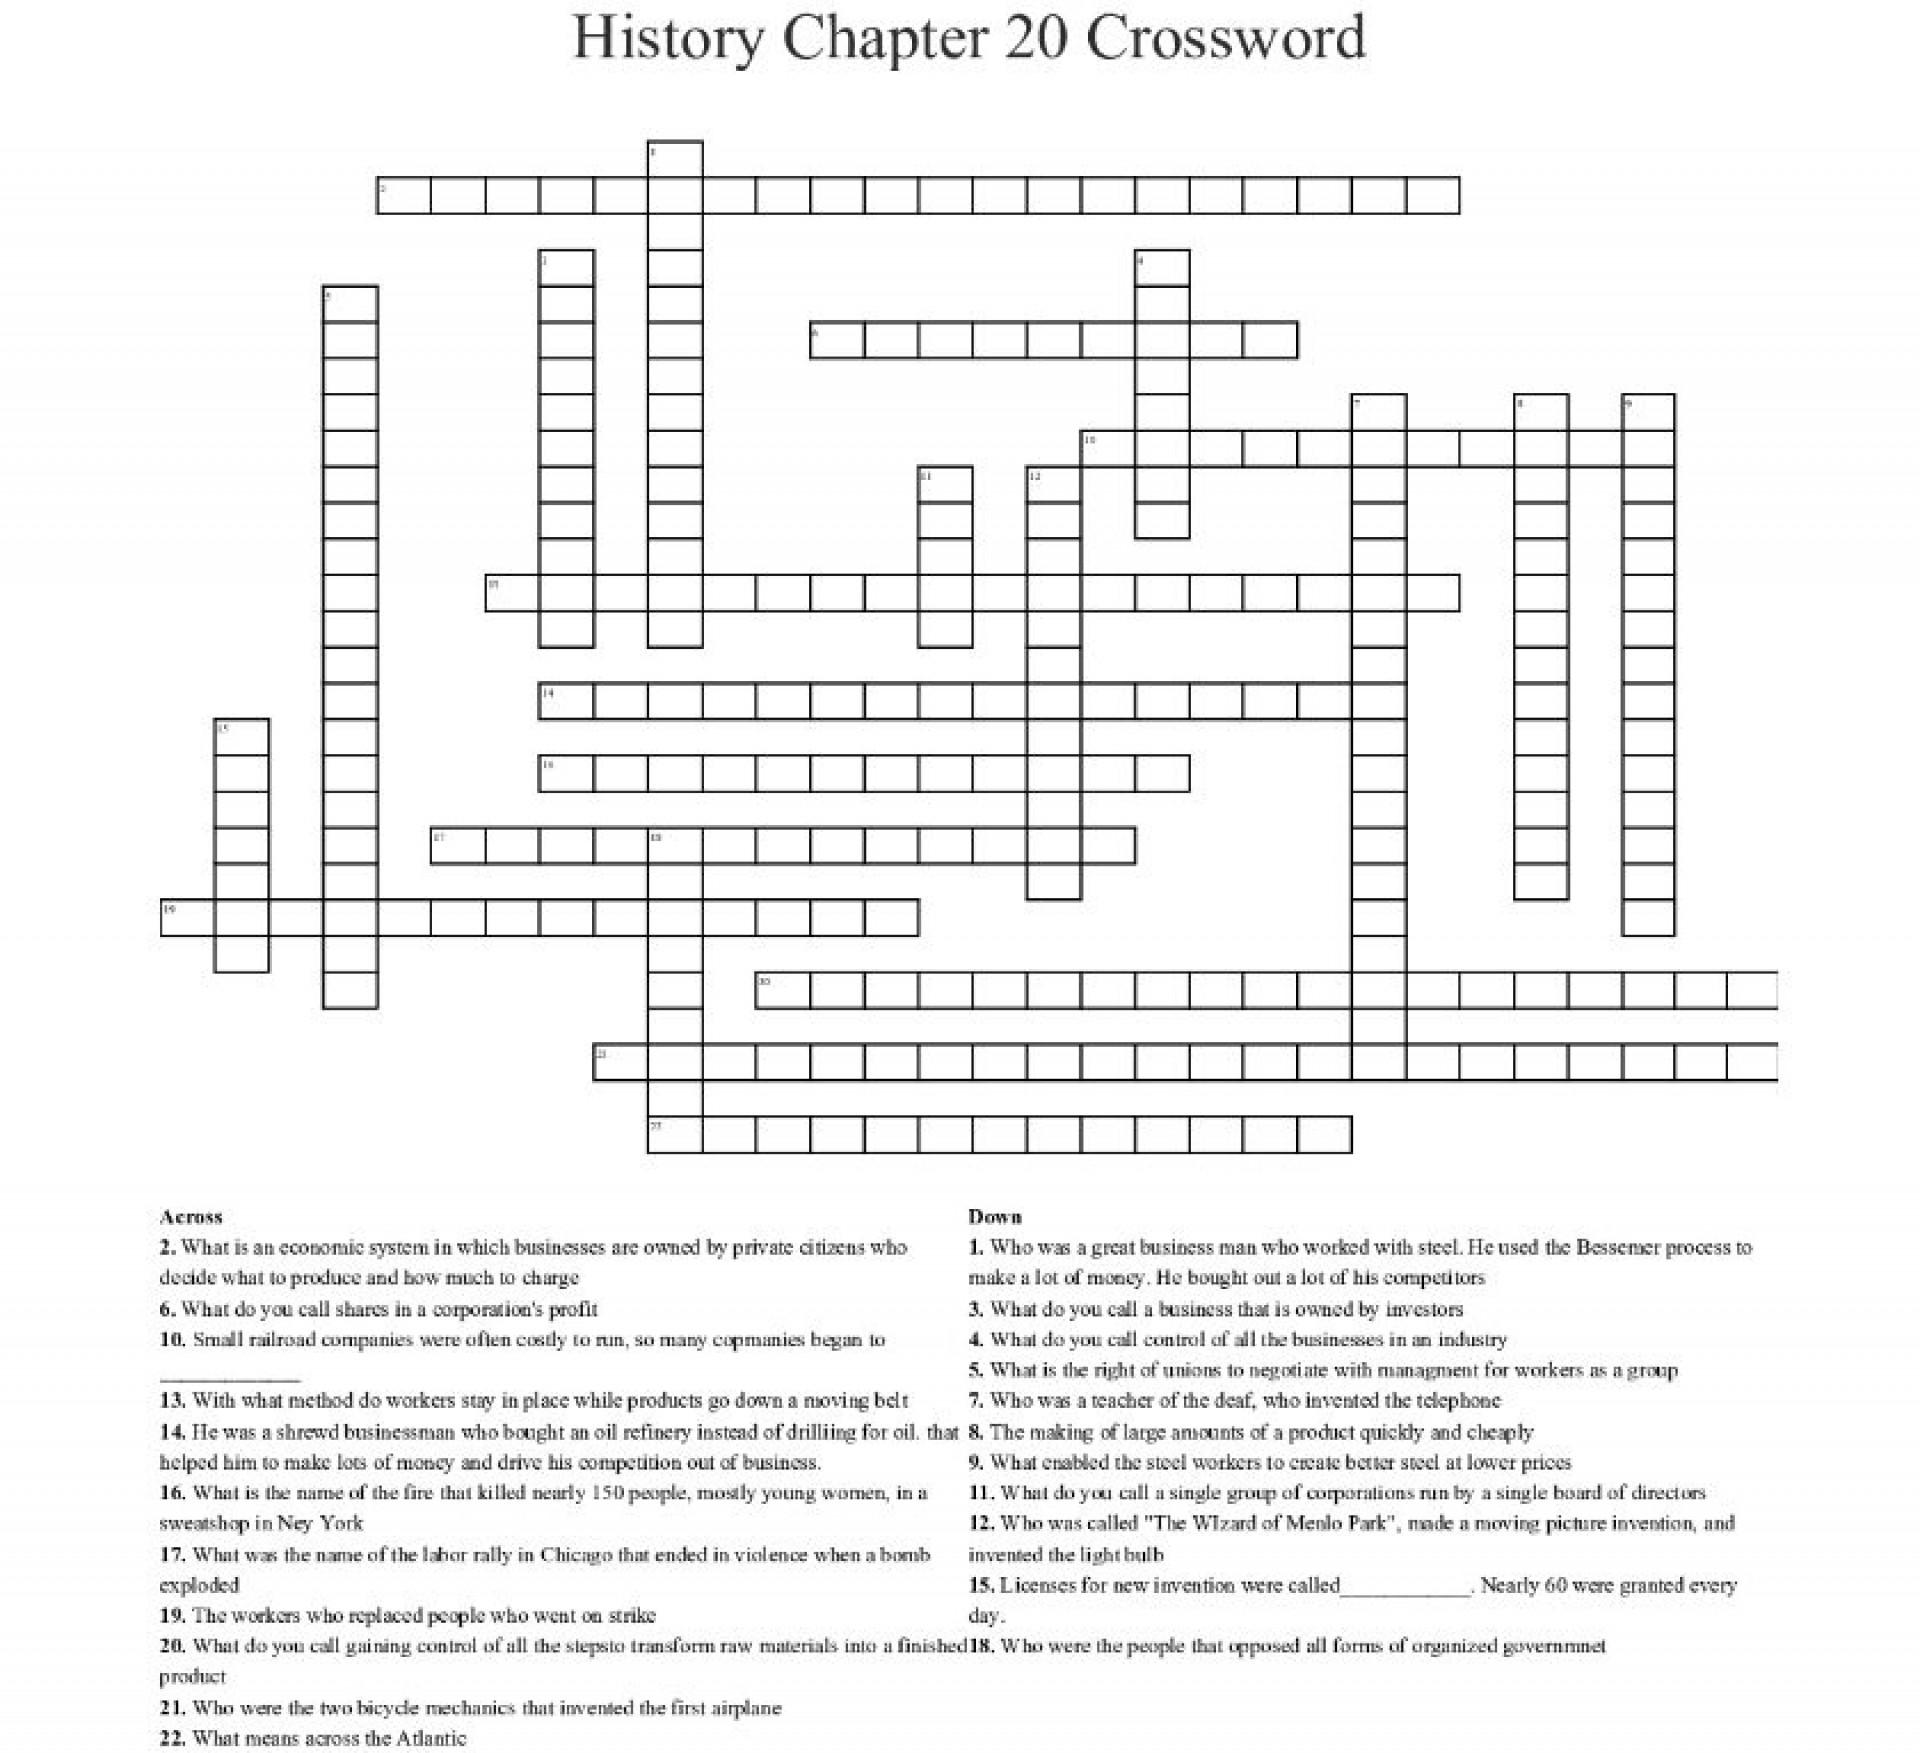 002 Frightening Prosperity Crossword Sample  Clue 6 Letter Material Prosperou 41920